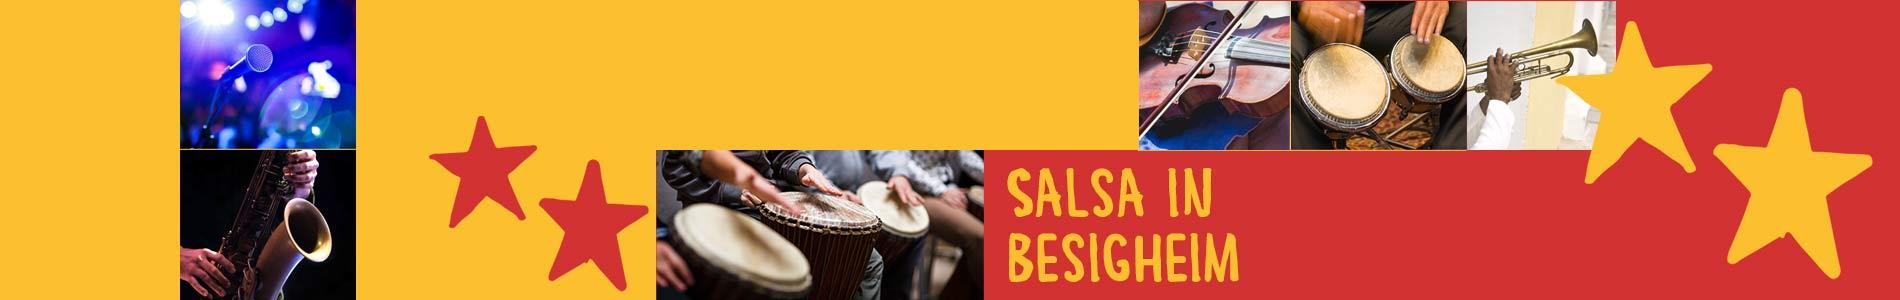 Salsa in Besigheim – Salsa lernen und tanzen, Tanzkurse, Partys, Veranstaltungen